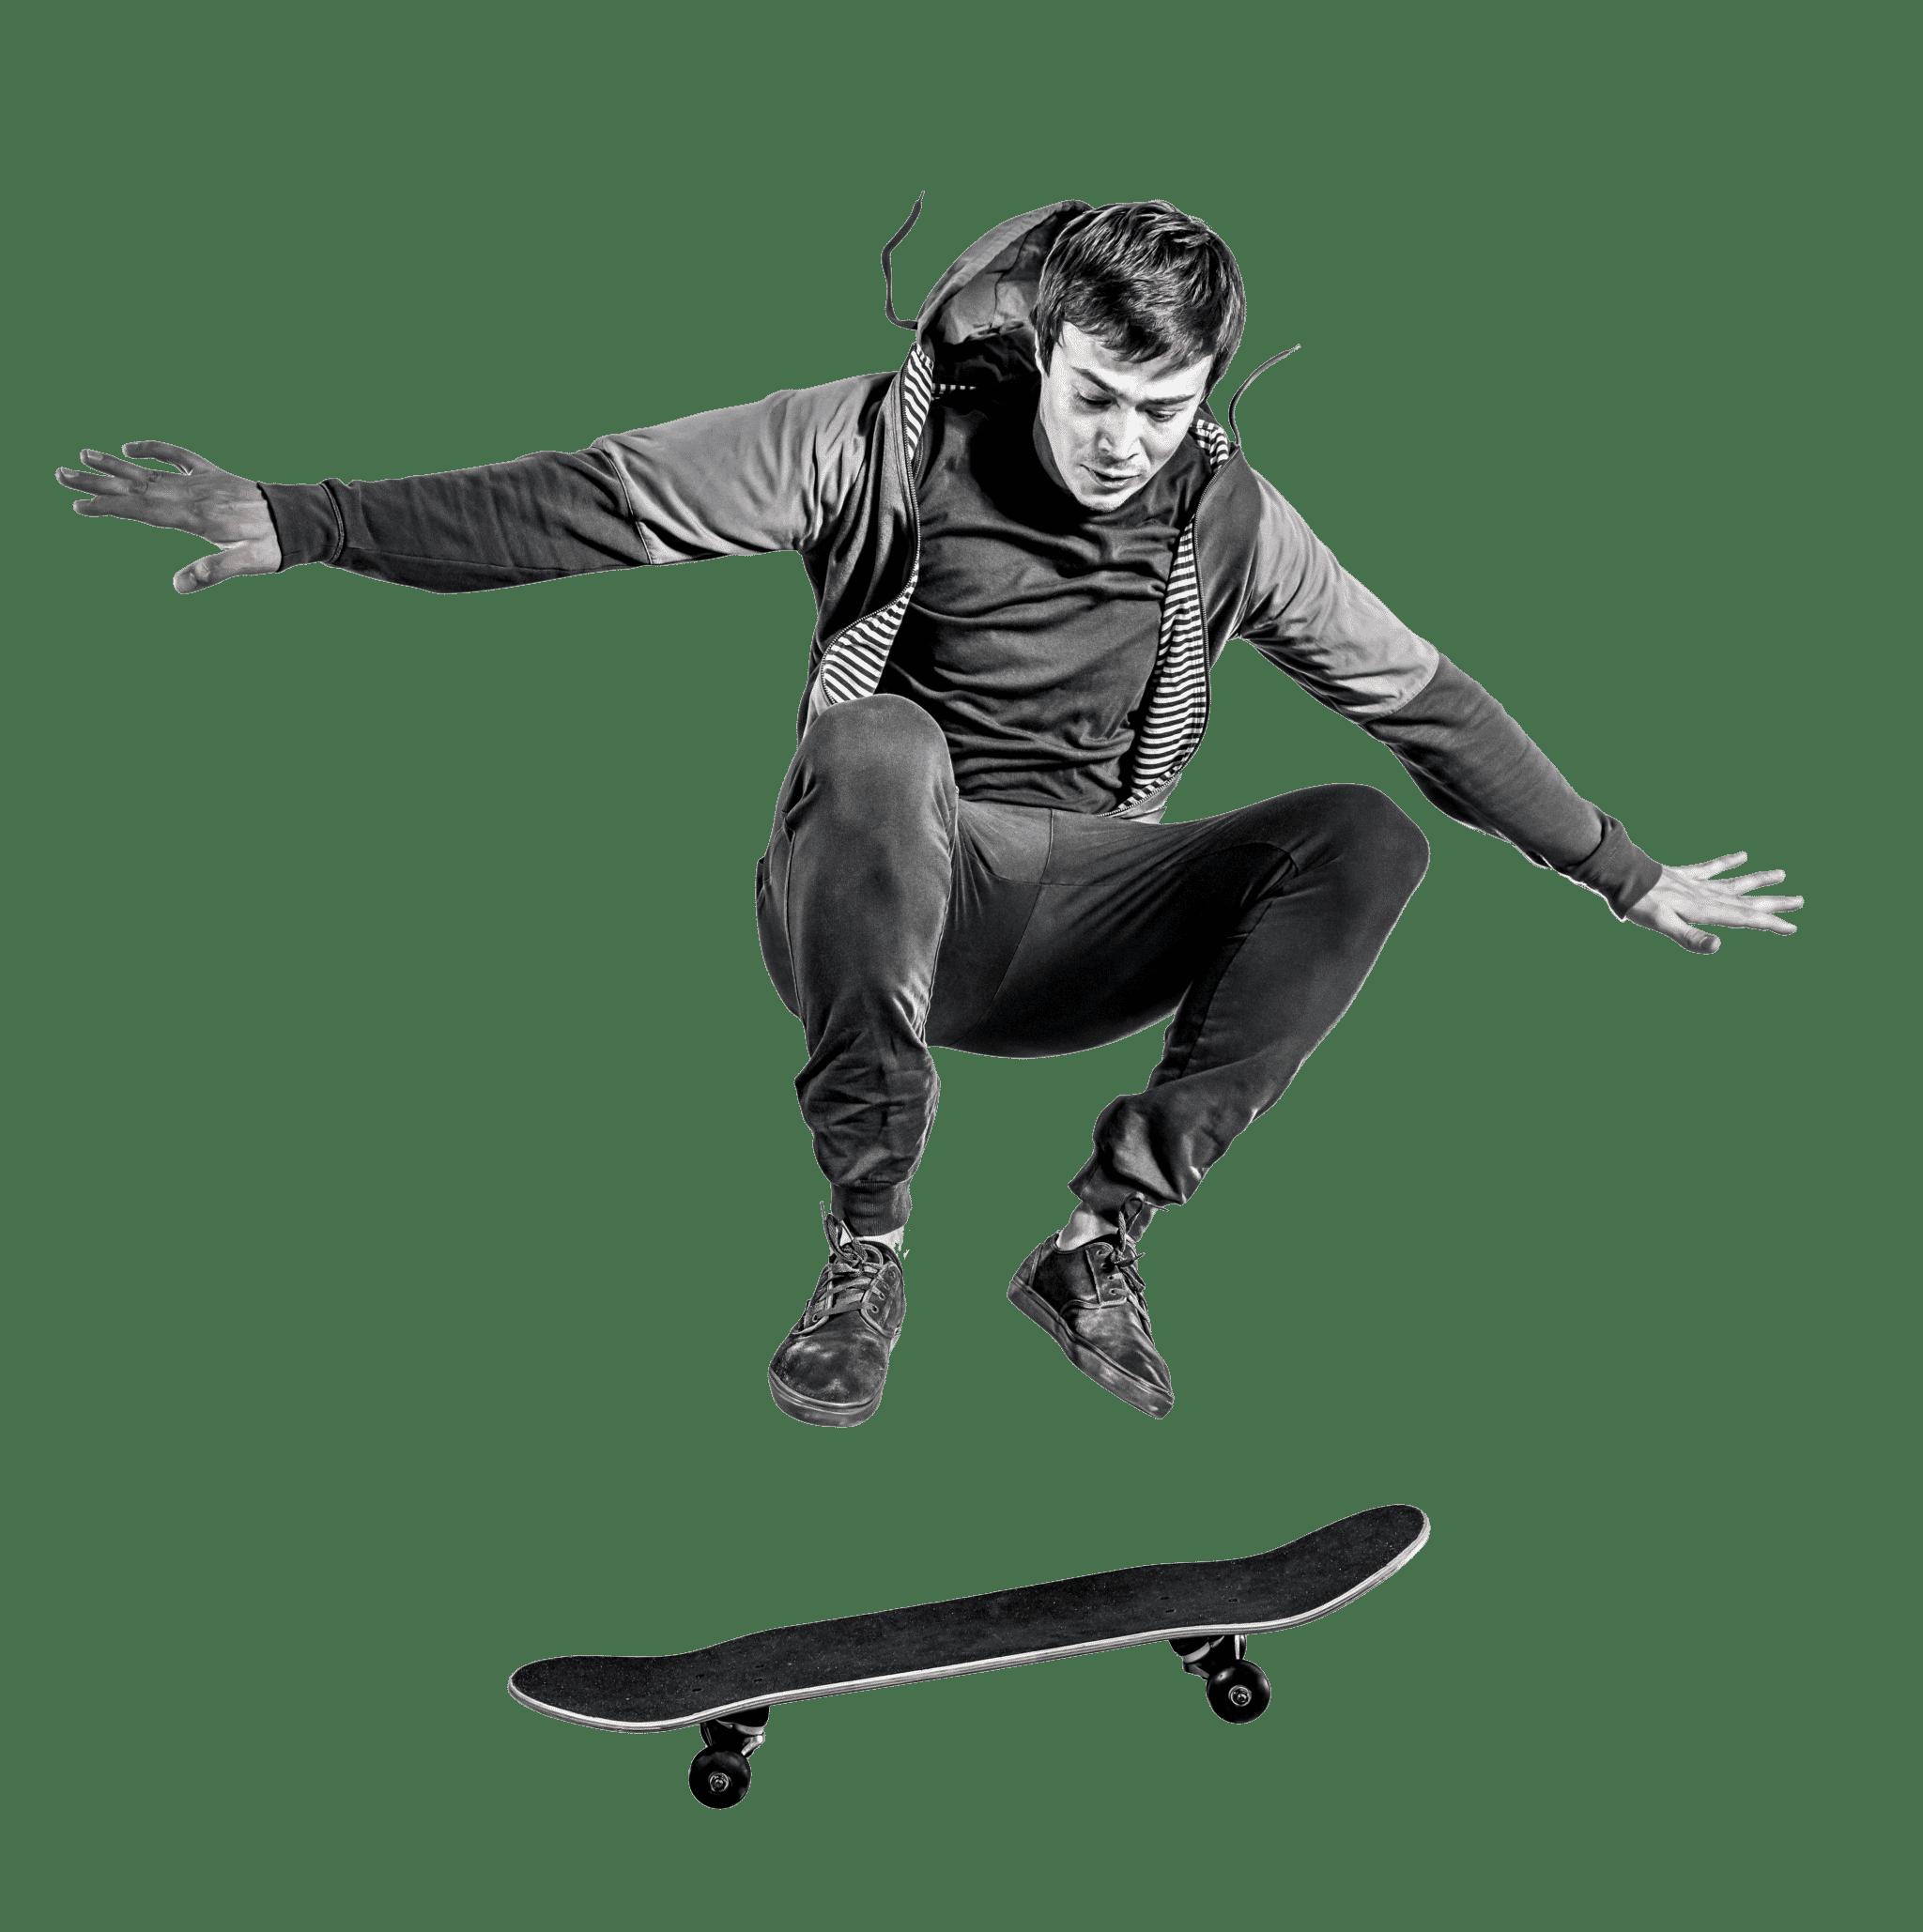 Ramp Armor skateboarder